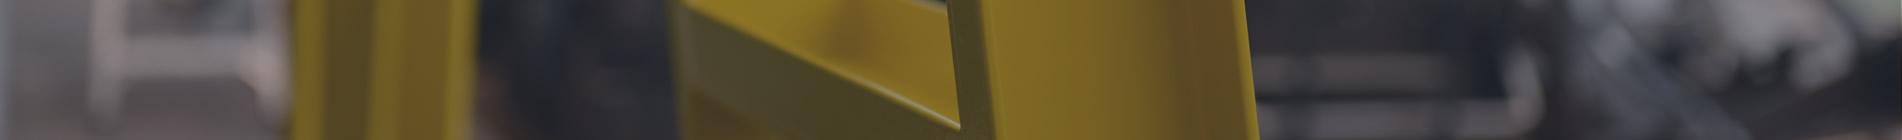 Granallado de piezas de grandes dimensiones